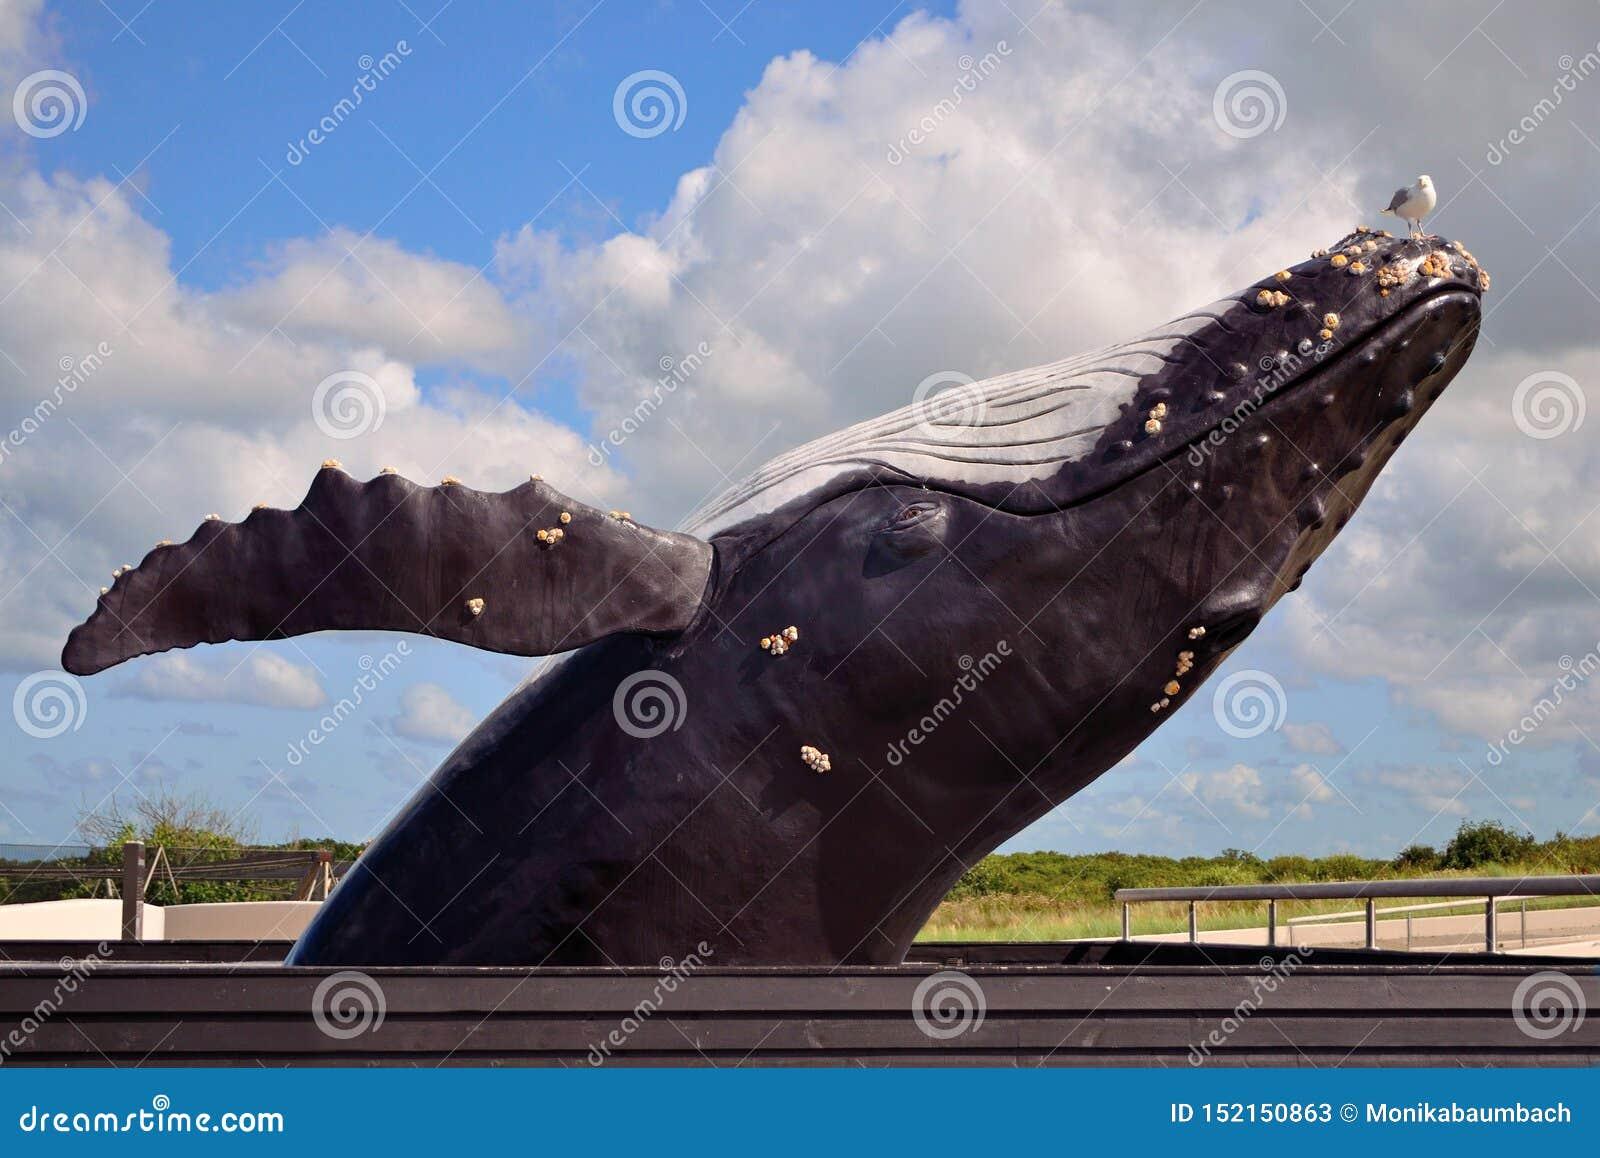 La vita ha graduato il figur secondo la misura di salto realistico della megattera del fanone con la guarnizione sulla testa alla